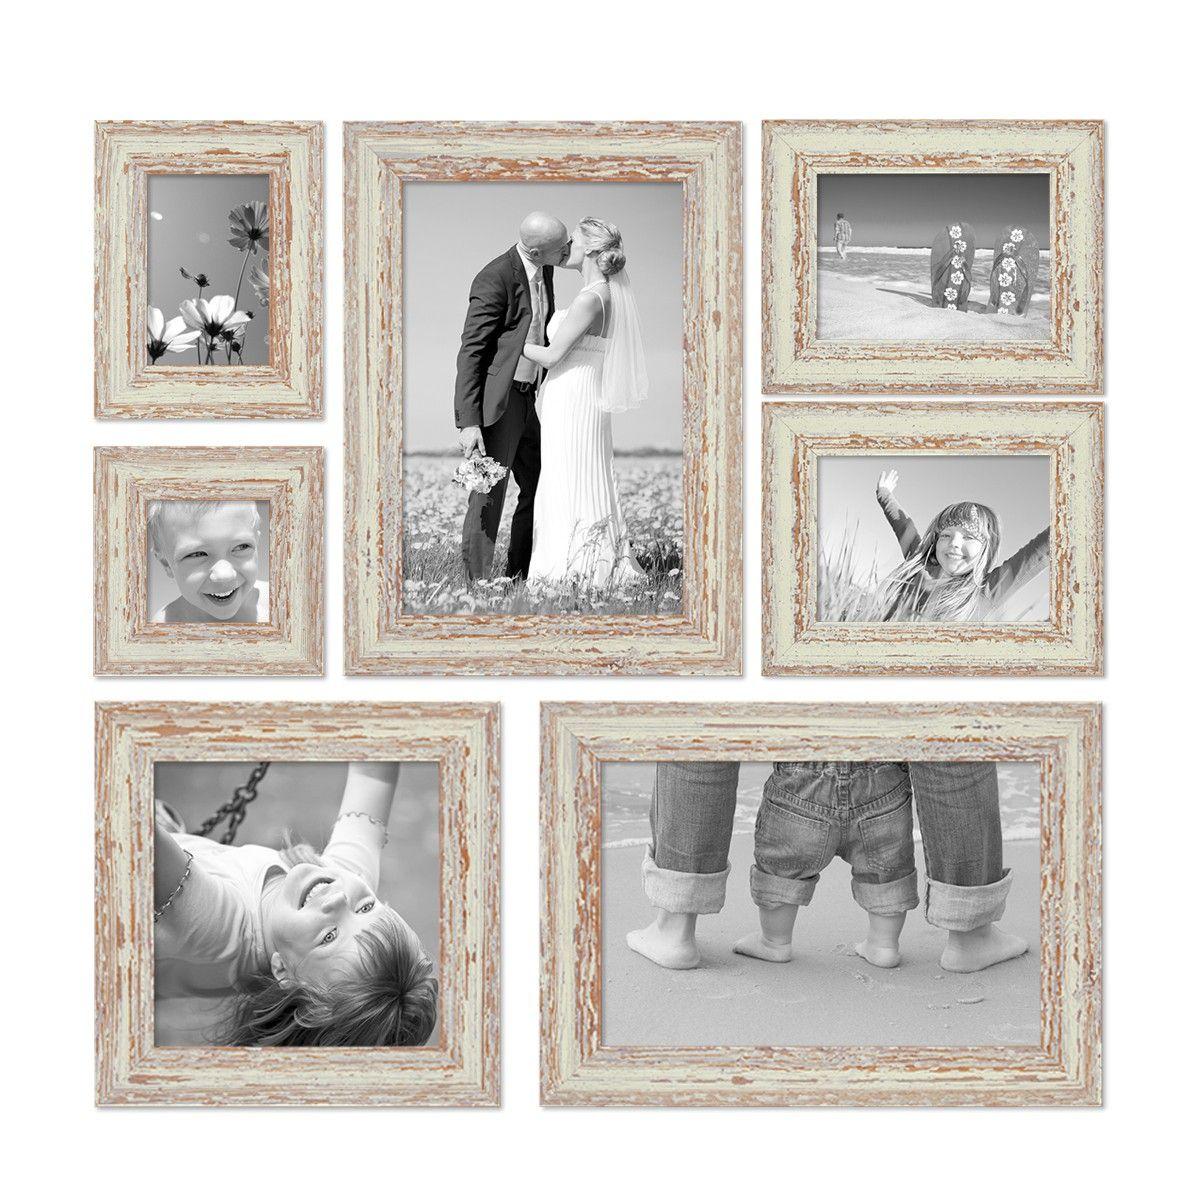 7er Set Vintage BilderrahmenWeiss Shabby-Chic | Pinterest ...